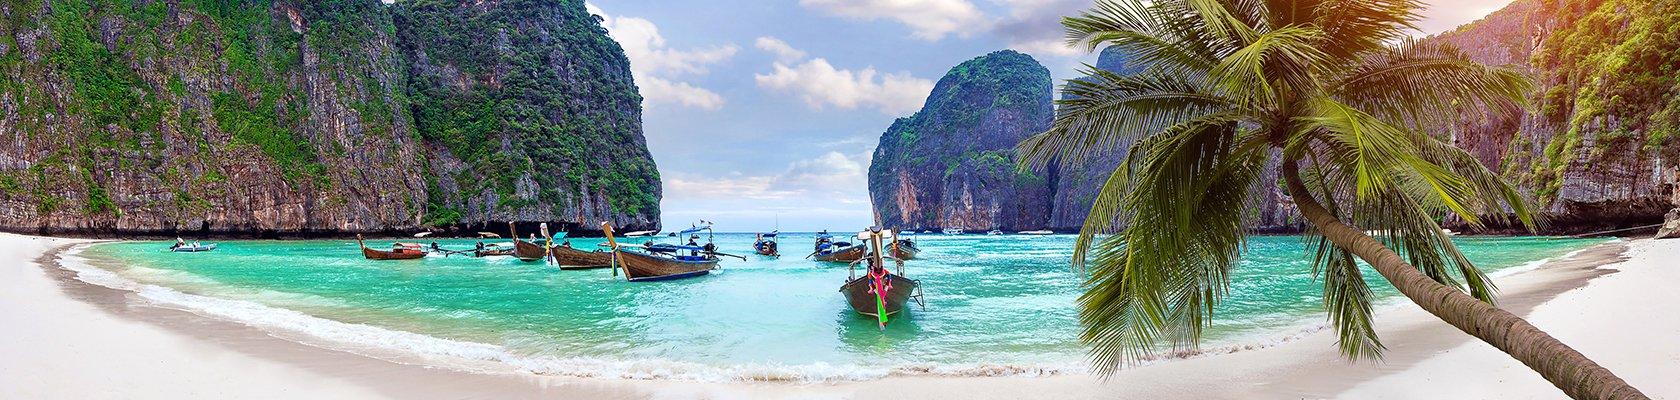 Zomervakantie Thailand 2019